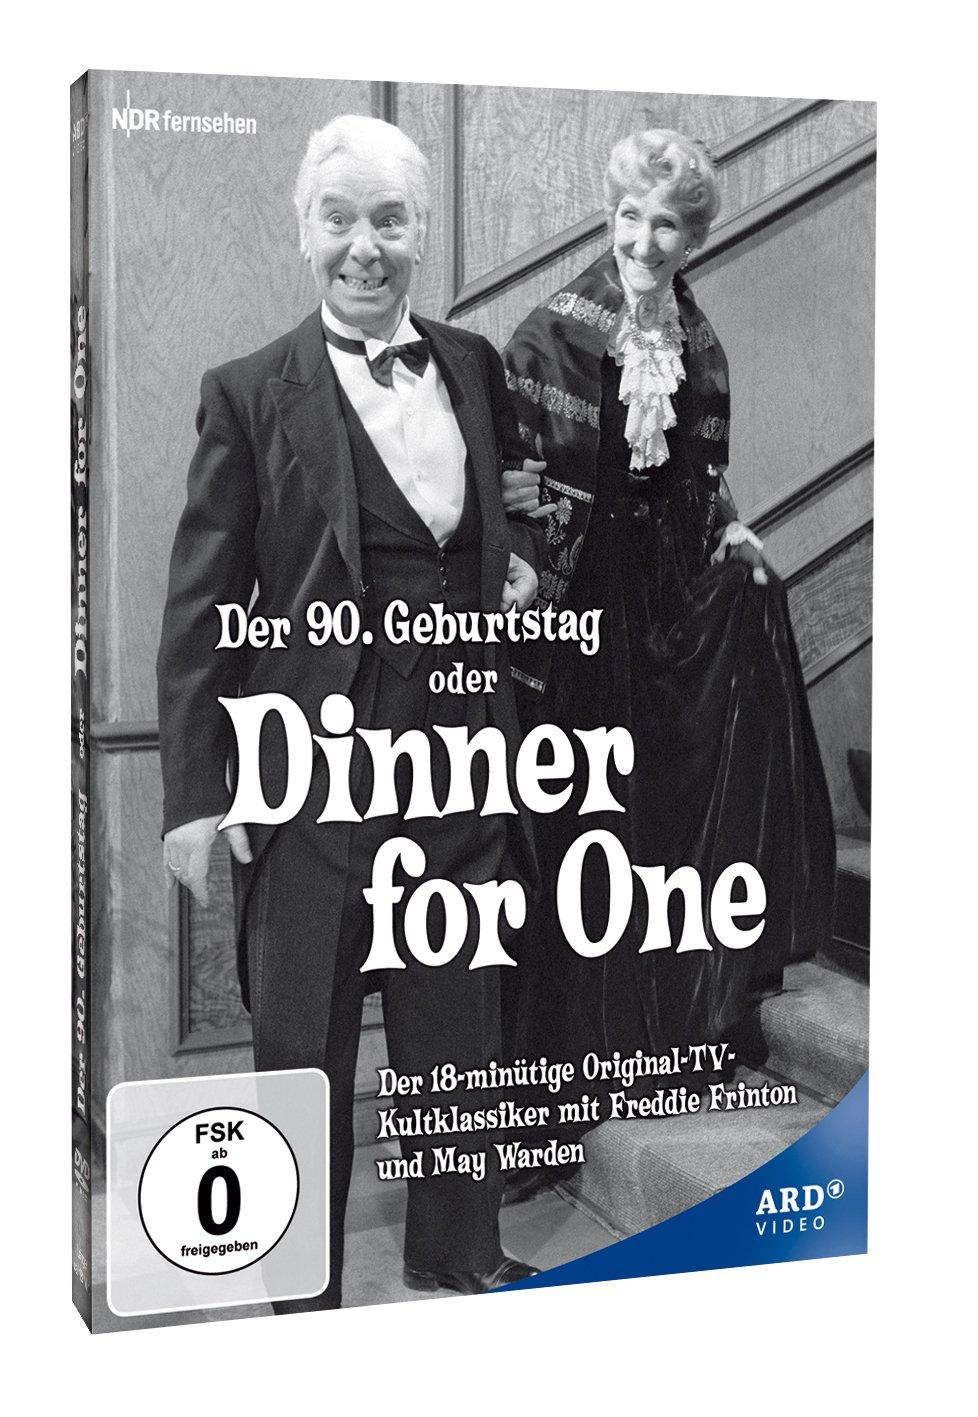 Der 90 geburtstag dinner for one